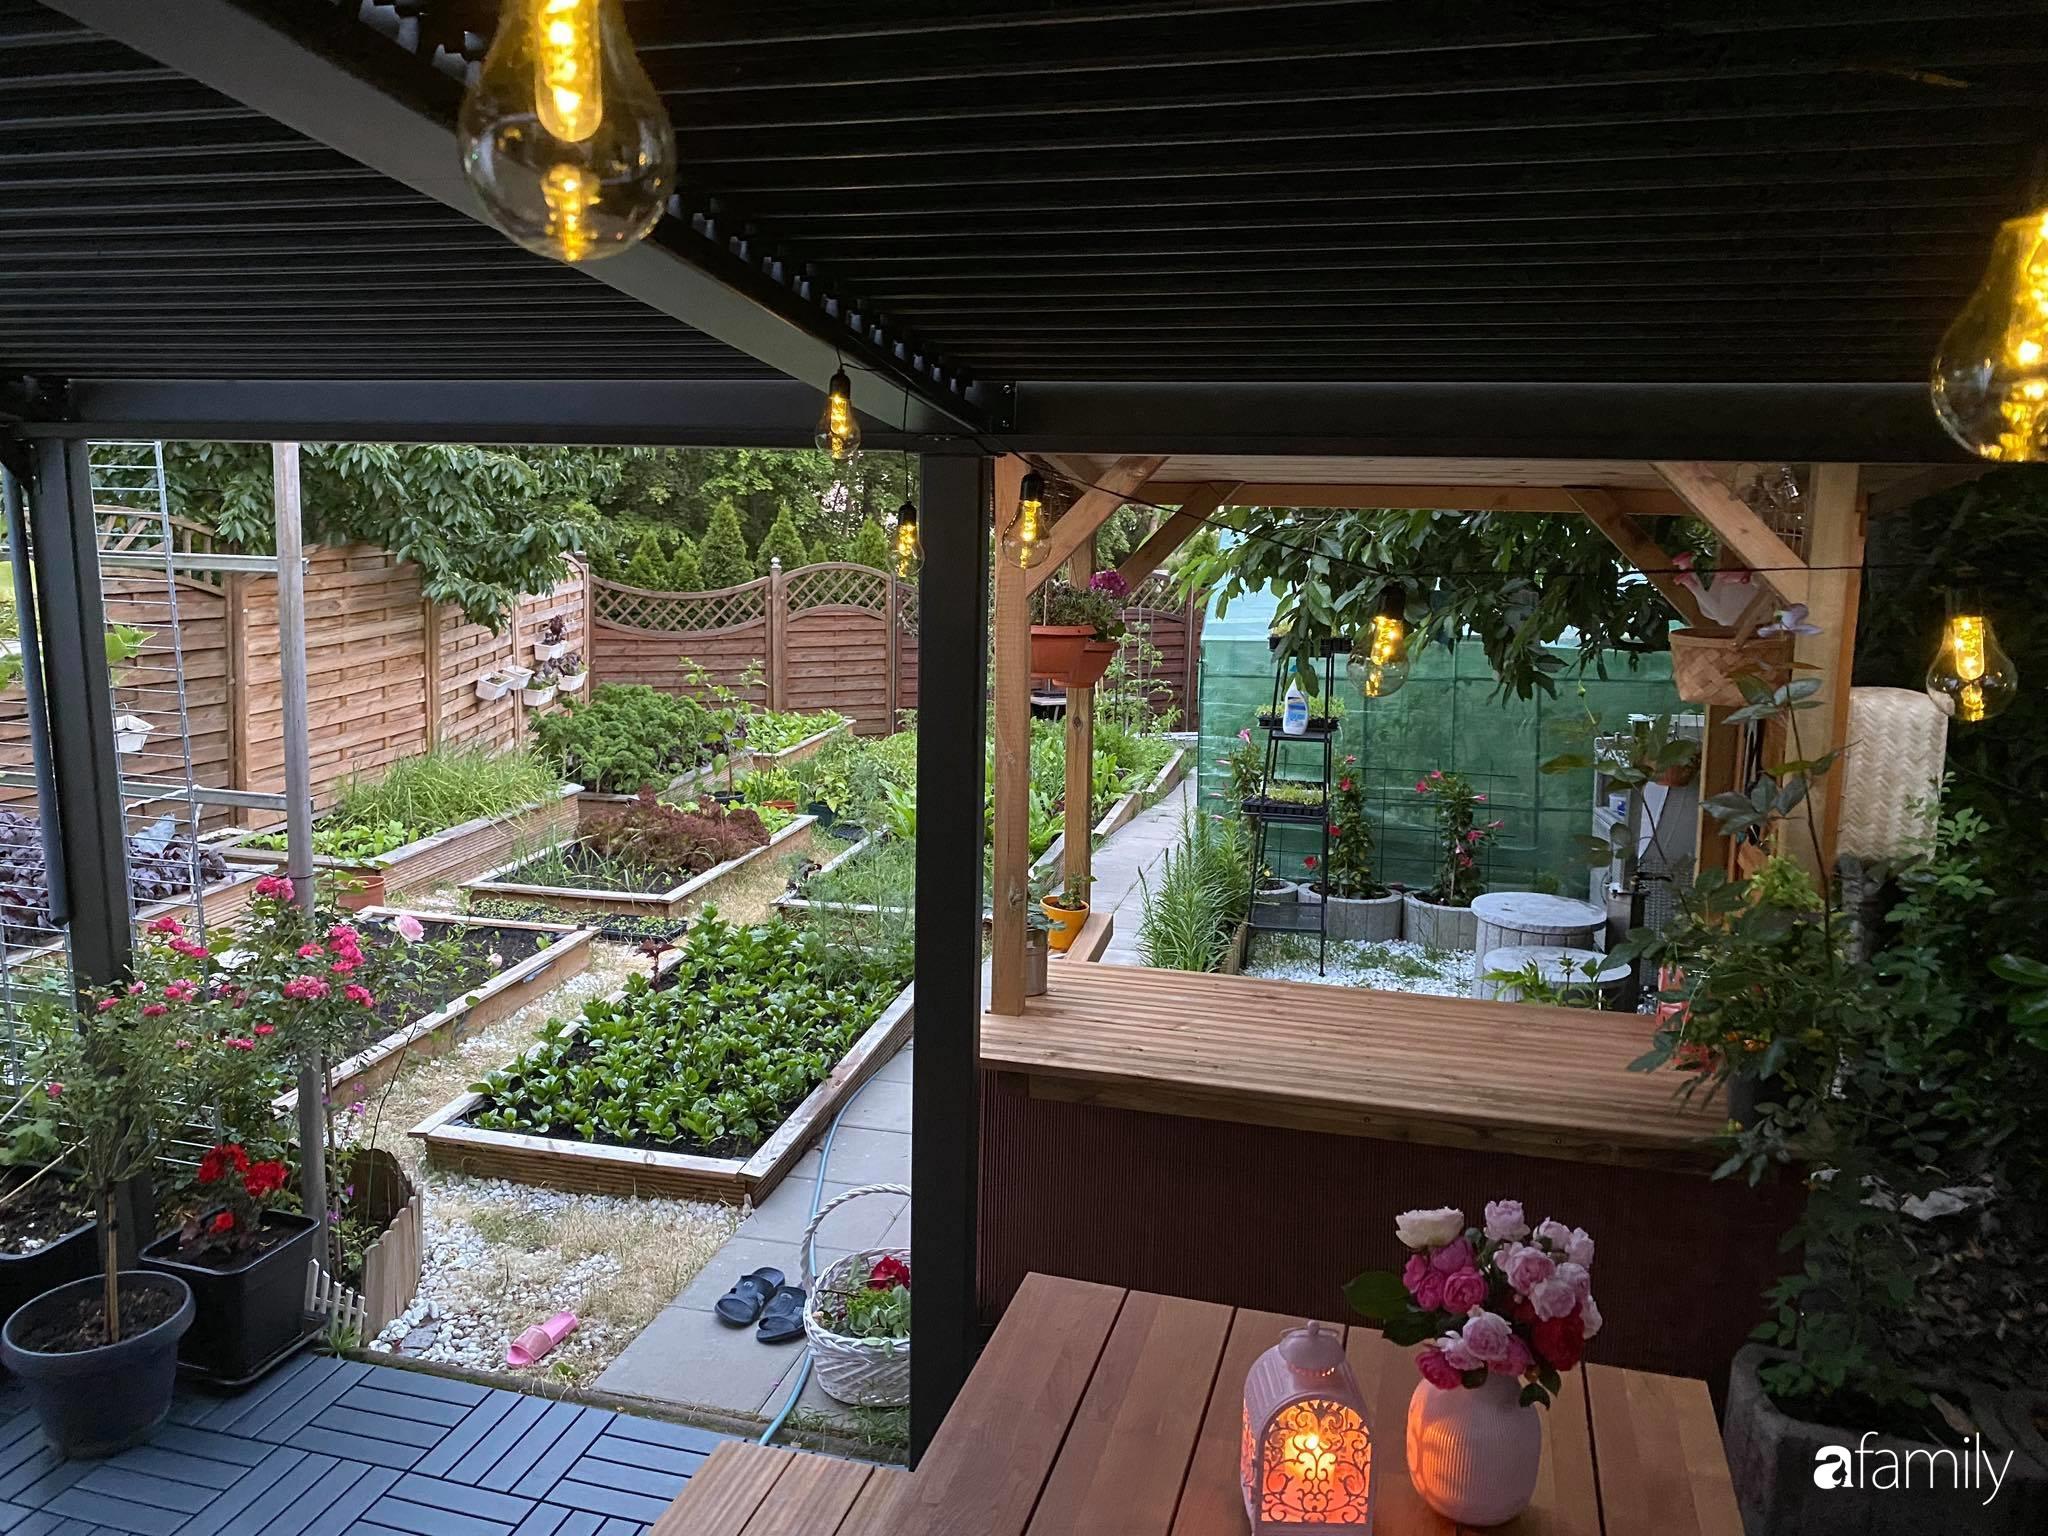 Khu vườn 300m² giữa đô thị náo nhiệt vẫn an yên, thư thái nhờ mẹ Việt trồng cây và hoa tốt tươi - Ảnh 17.